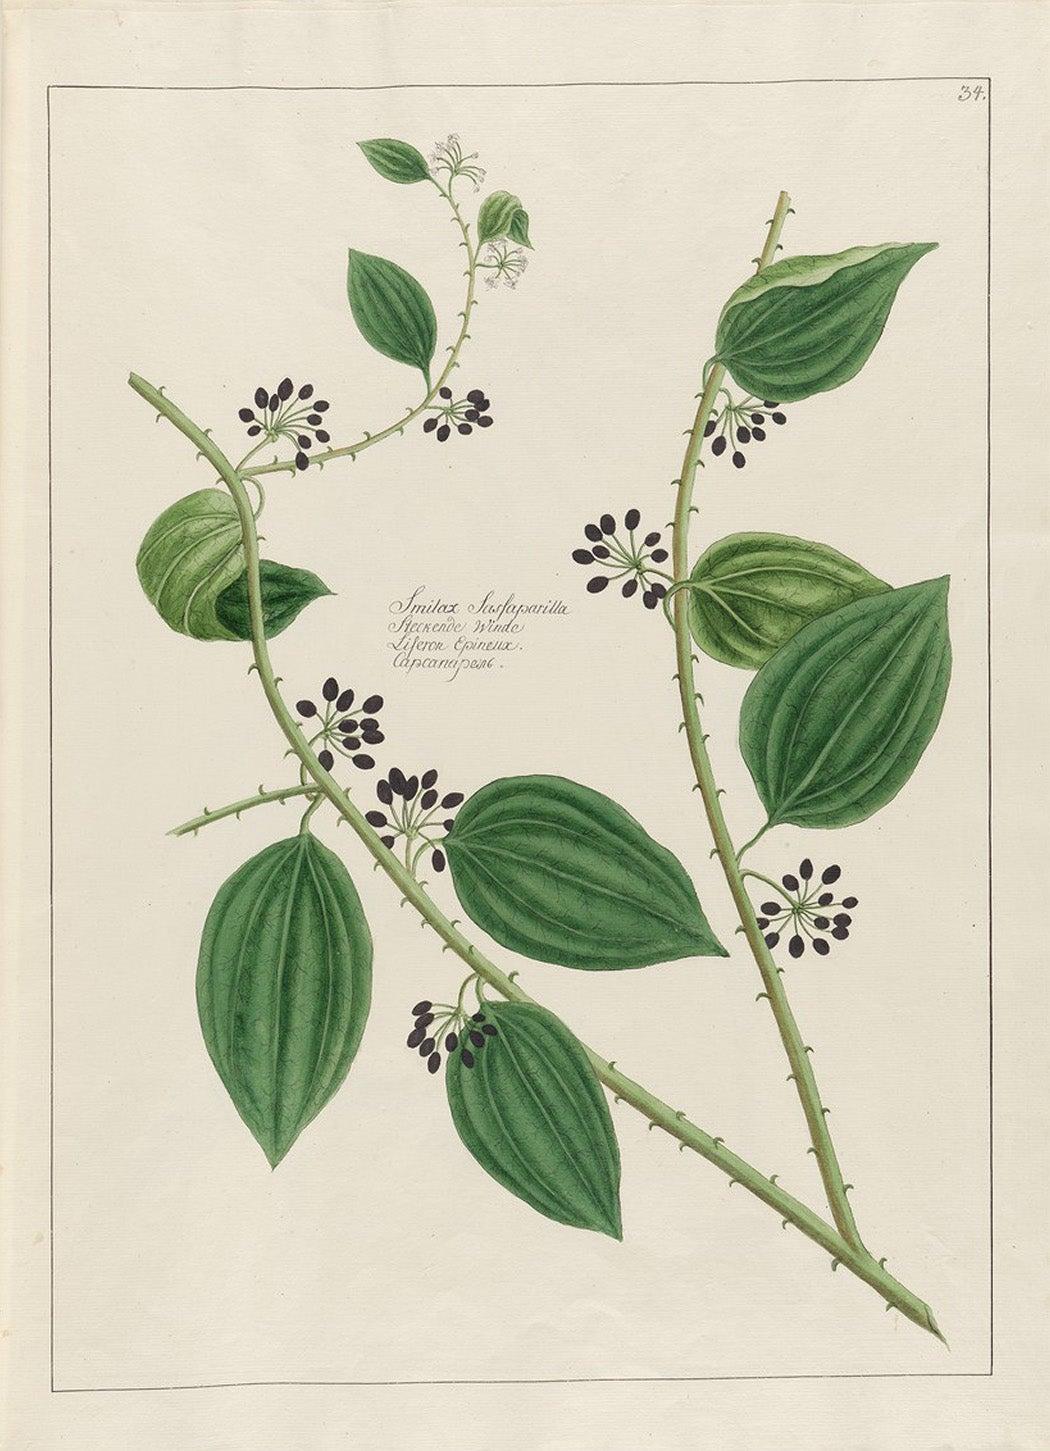 Image of sarsaparilla